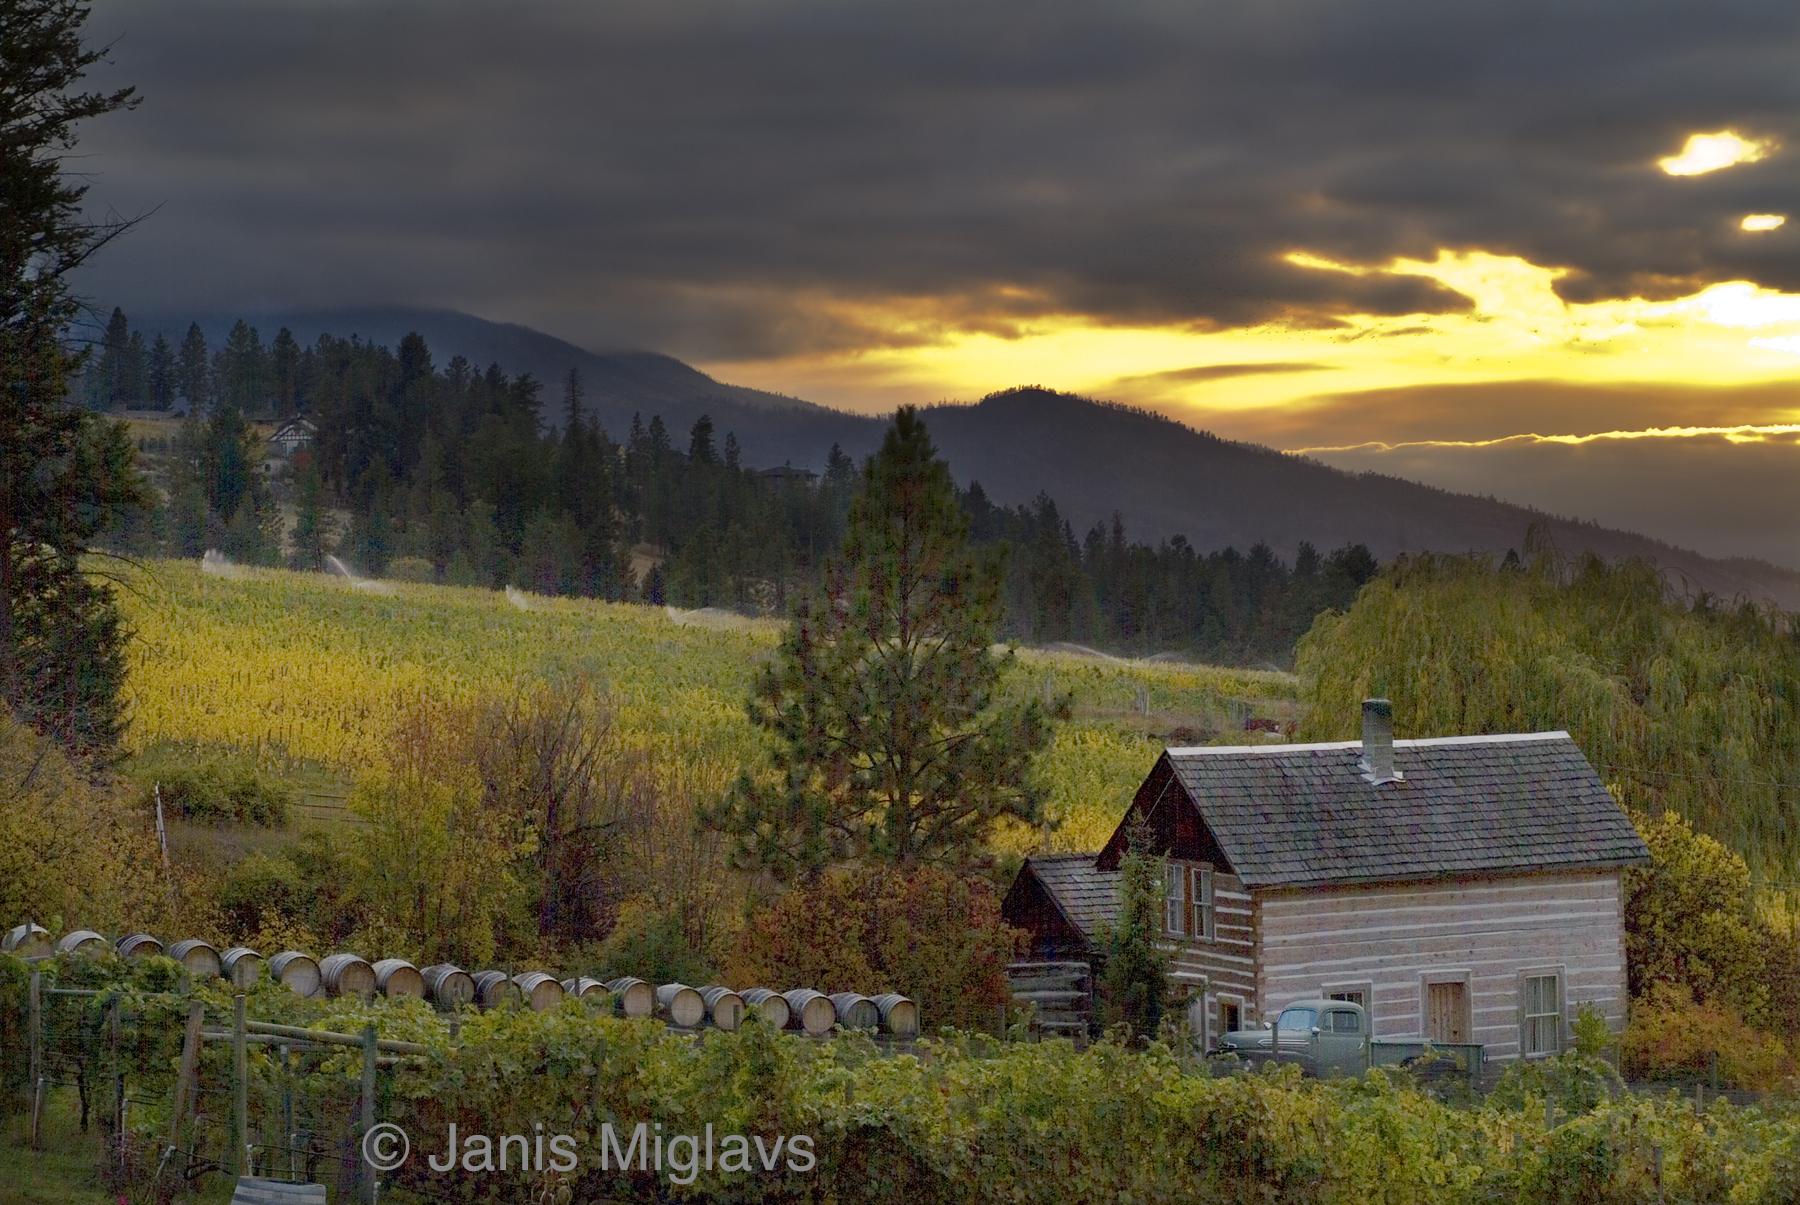 Canada Okanagan Cabin in Vineyard